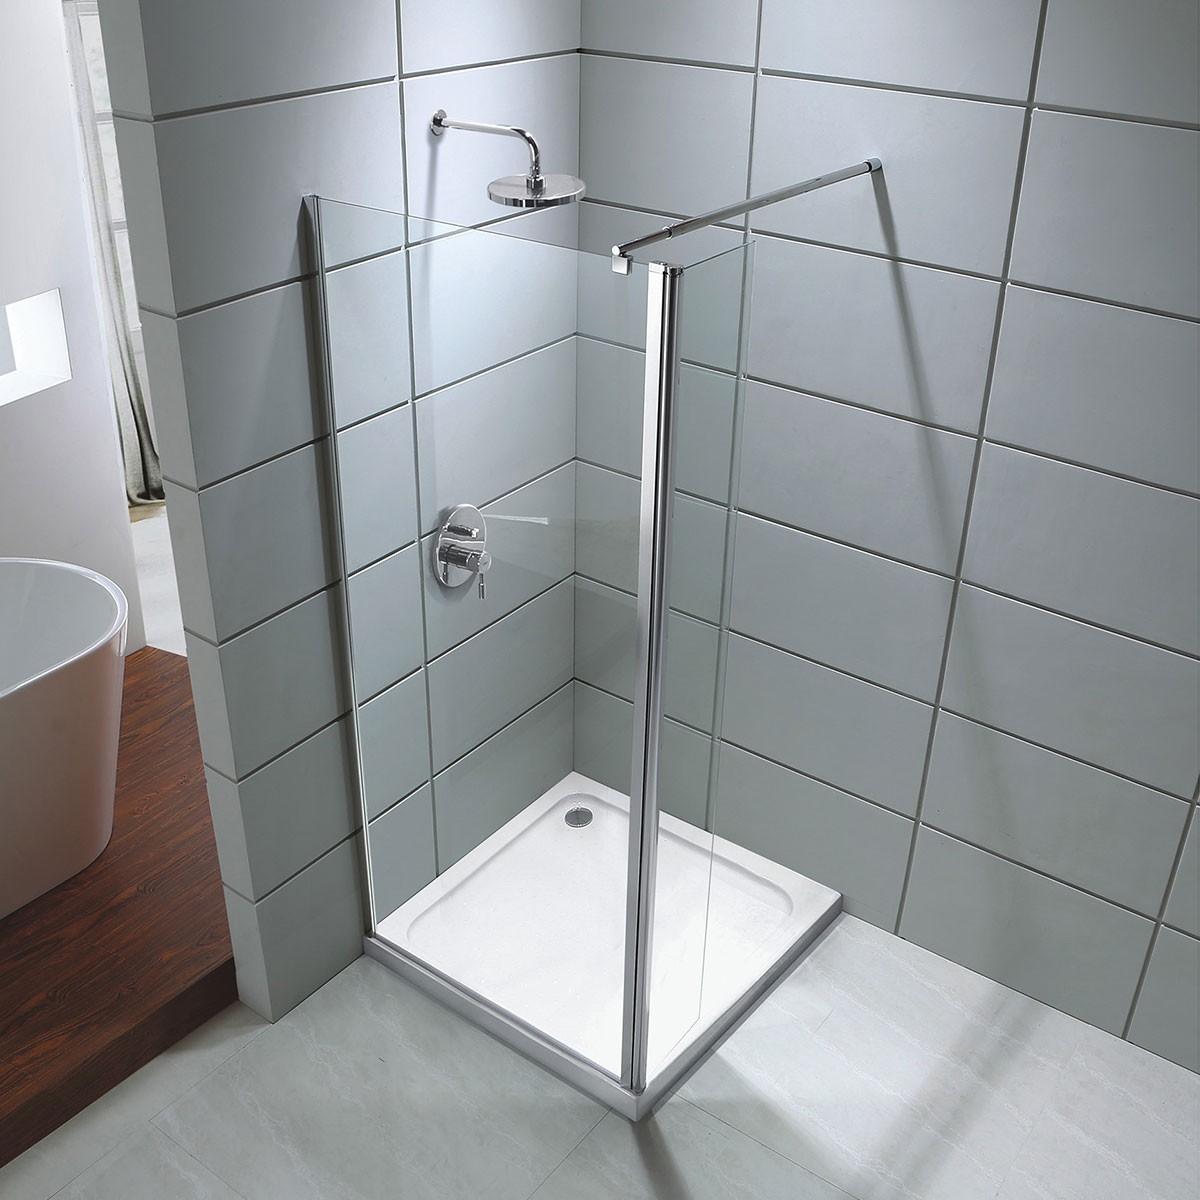 36 x 75 In. Walk-in Shower Door (DK-D202-90)